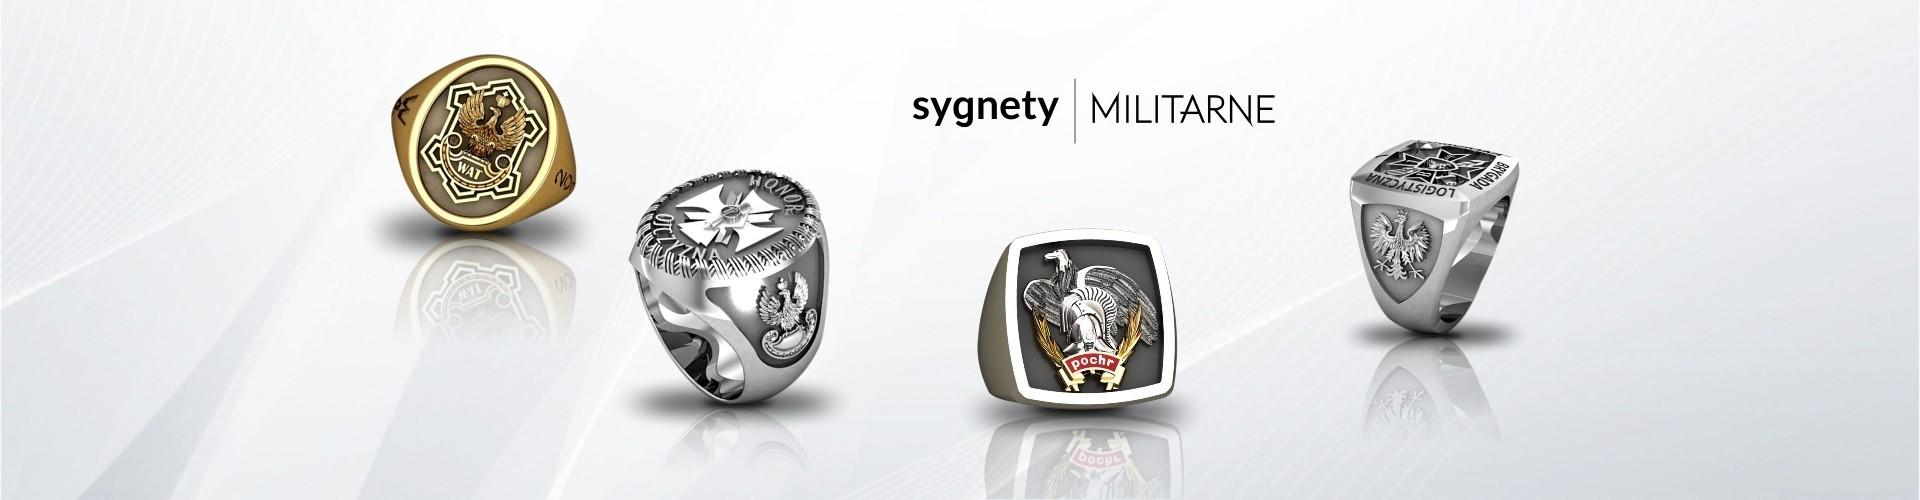 Sygnety Militarne